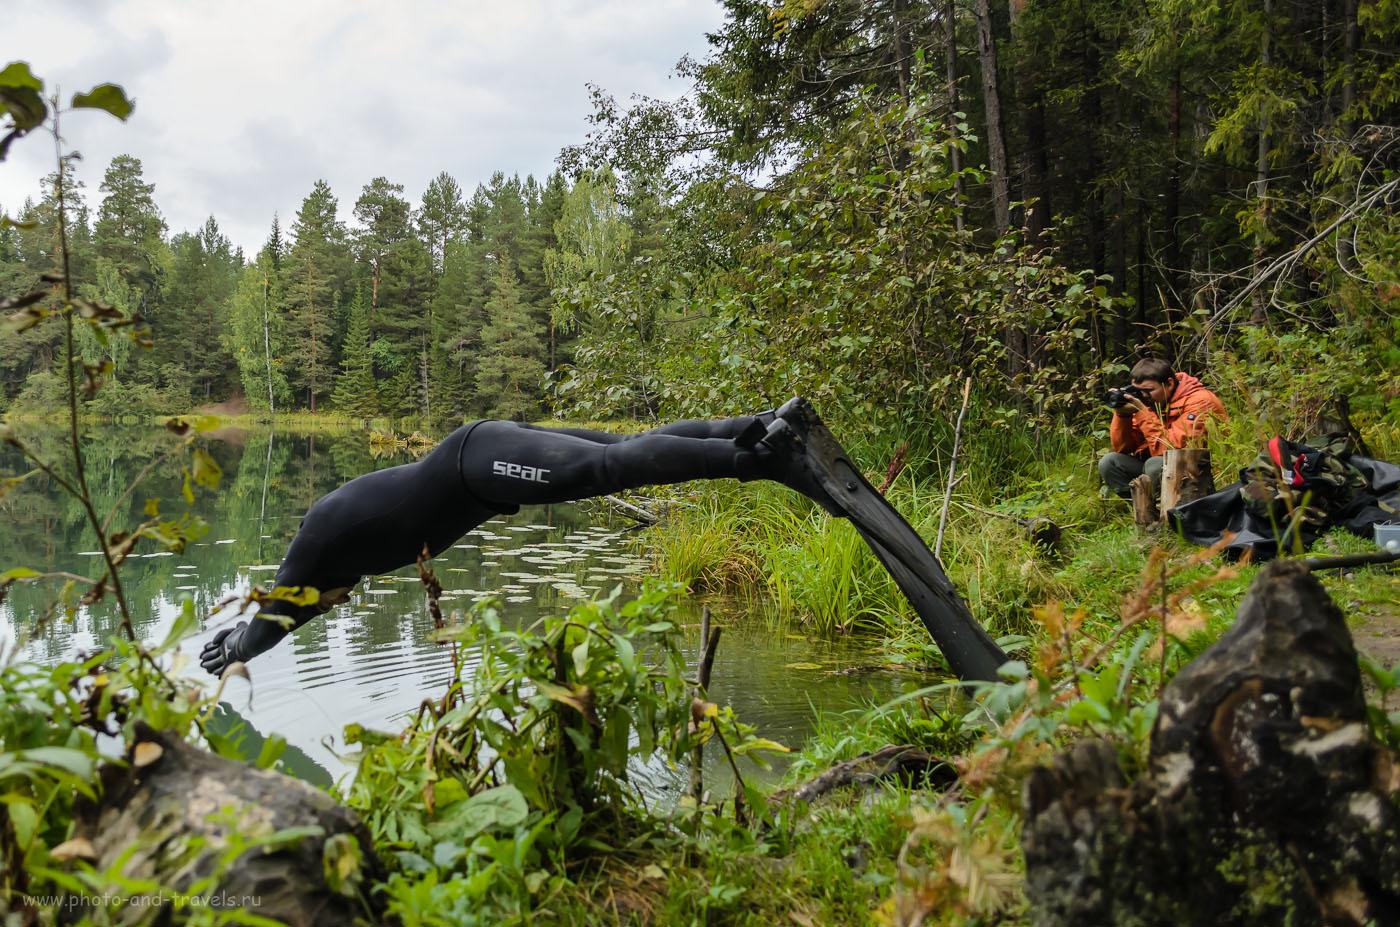 """Фото 10. А вы думали, что ихтиандры не существуют? ;) На берегу Бездонного озера вы можете их встретить запросто! Камера Nikon D5100 KIT 18-55 VR в режиме съемки """"Спорт"""". Параметры: 1/1000, 4.0, 18 мм, ИСО 400."""